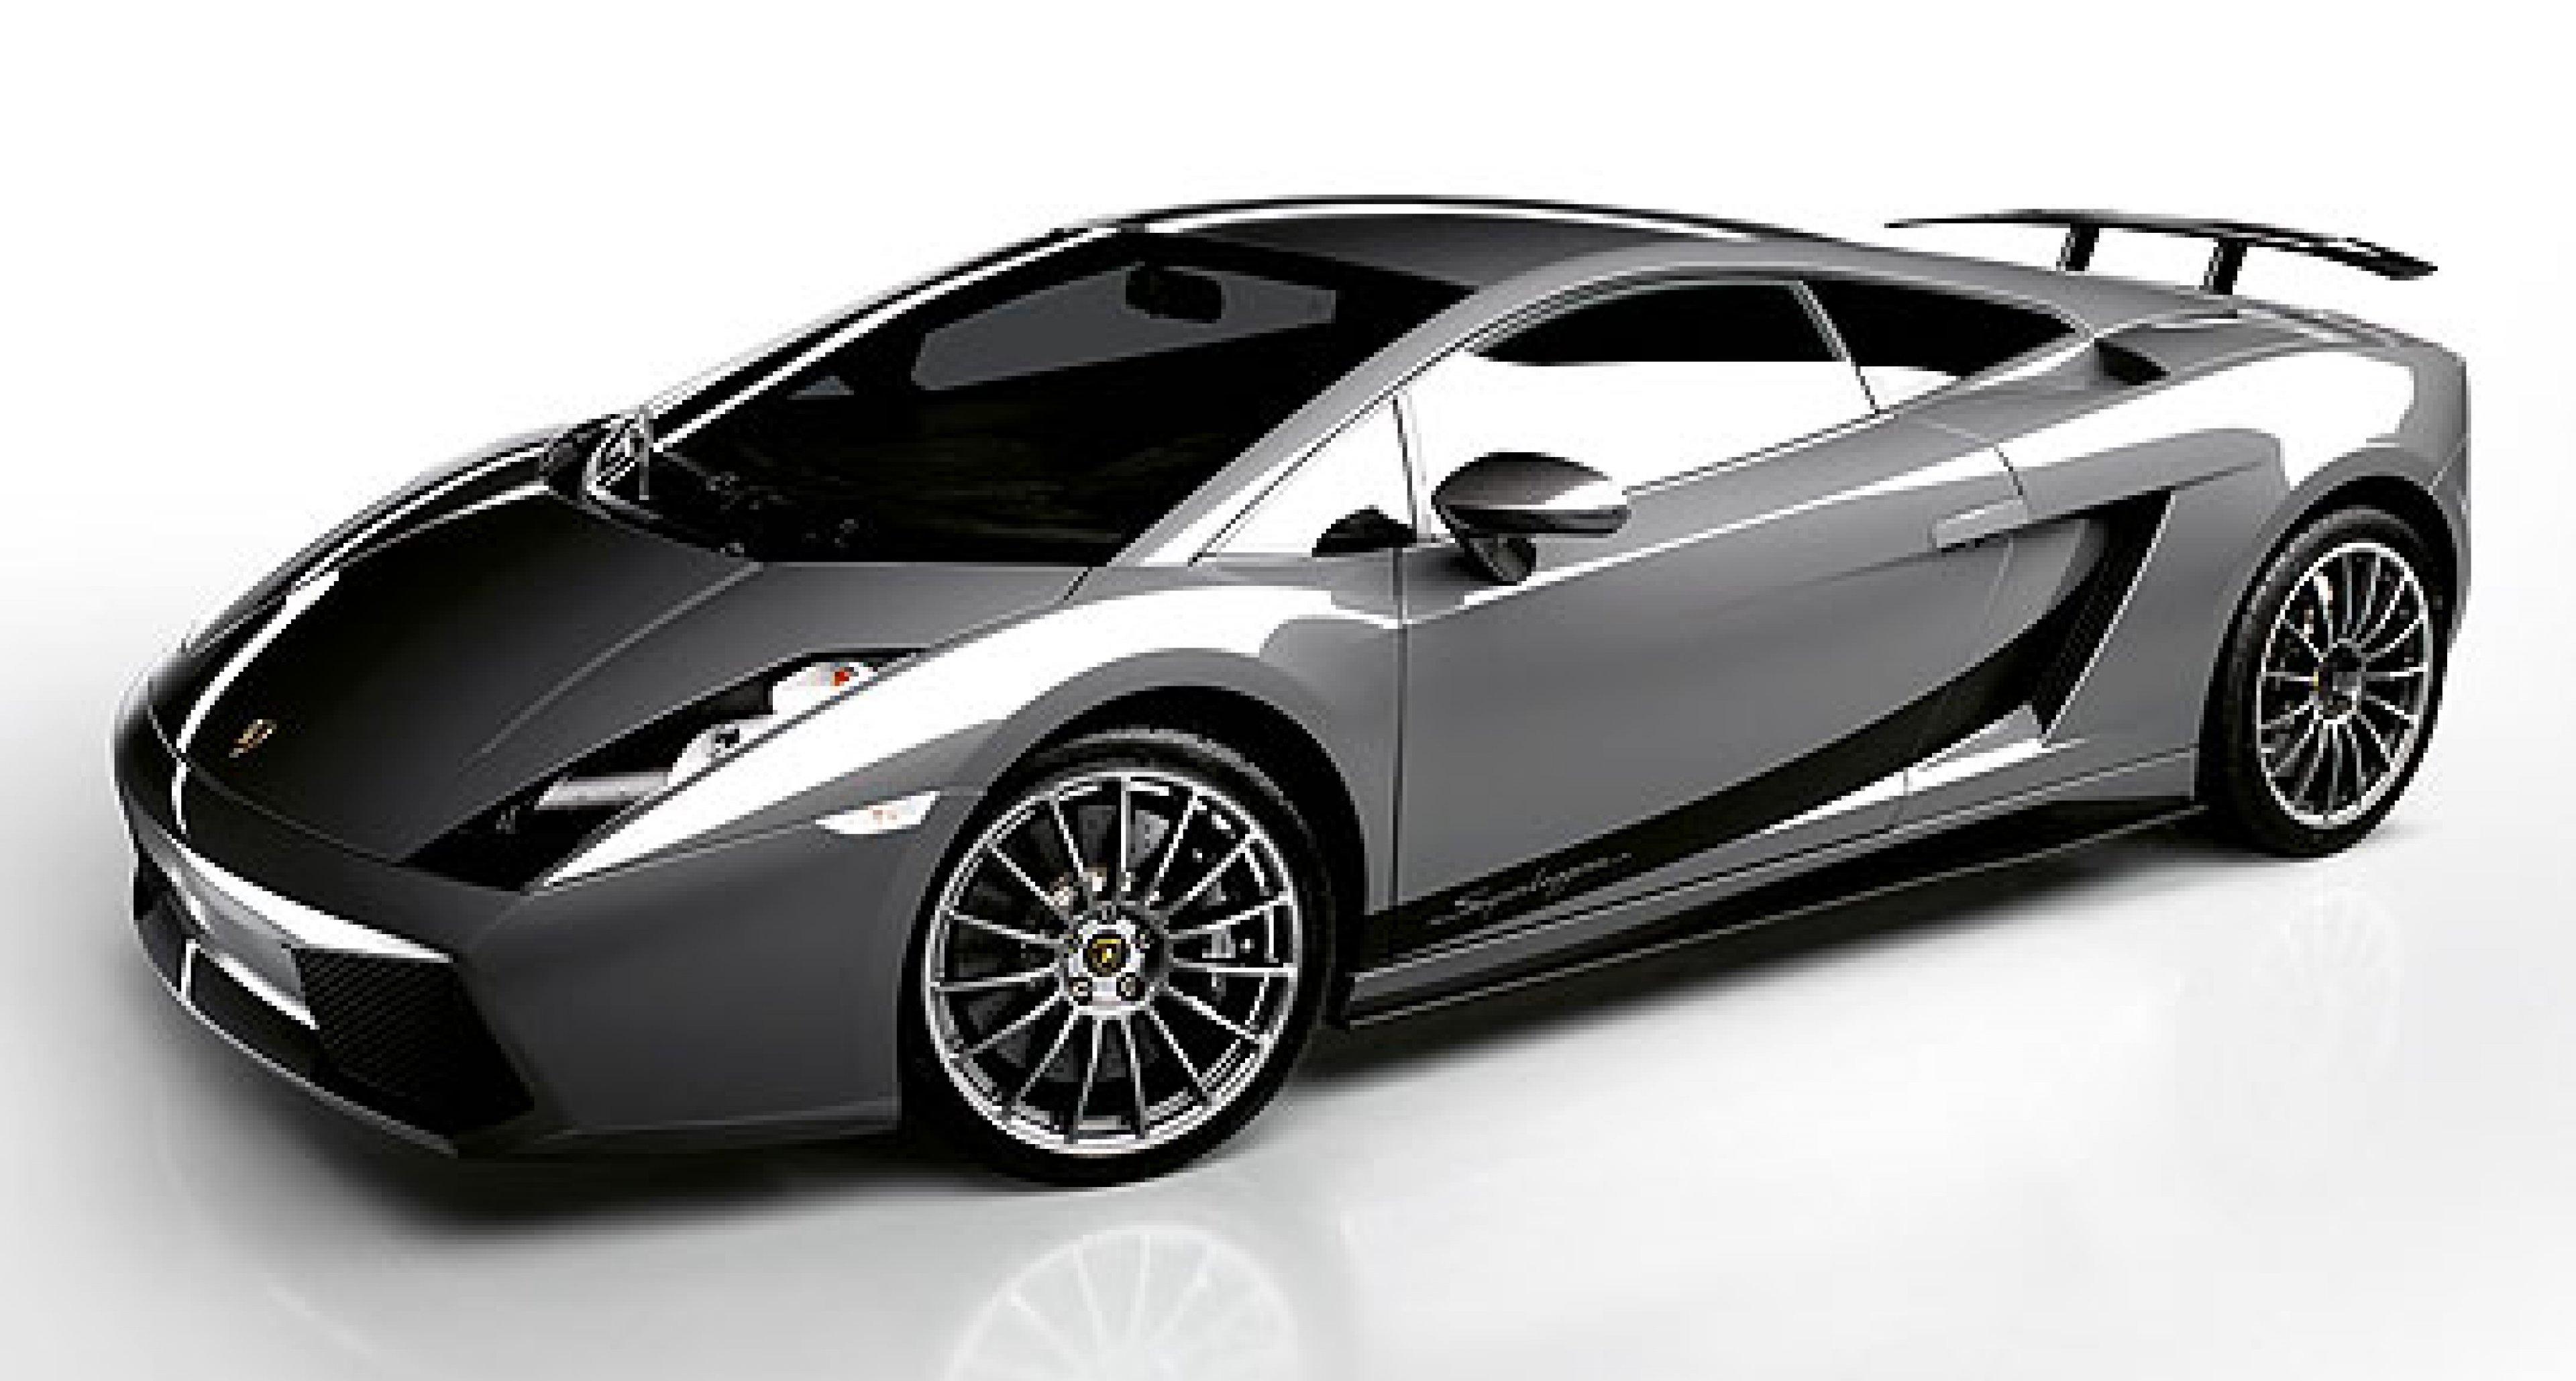 The new Lamborghini Gallardo Superleggera